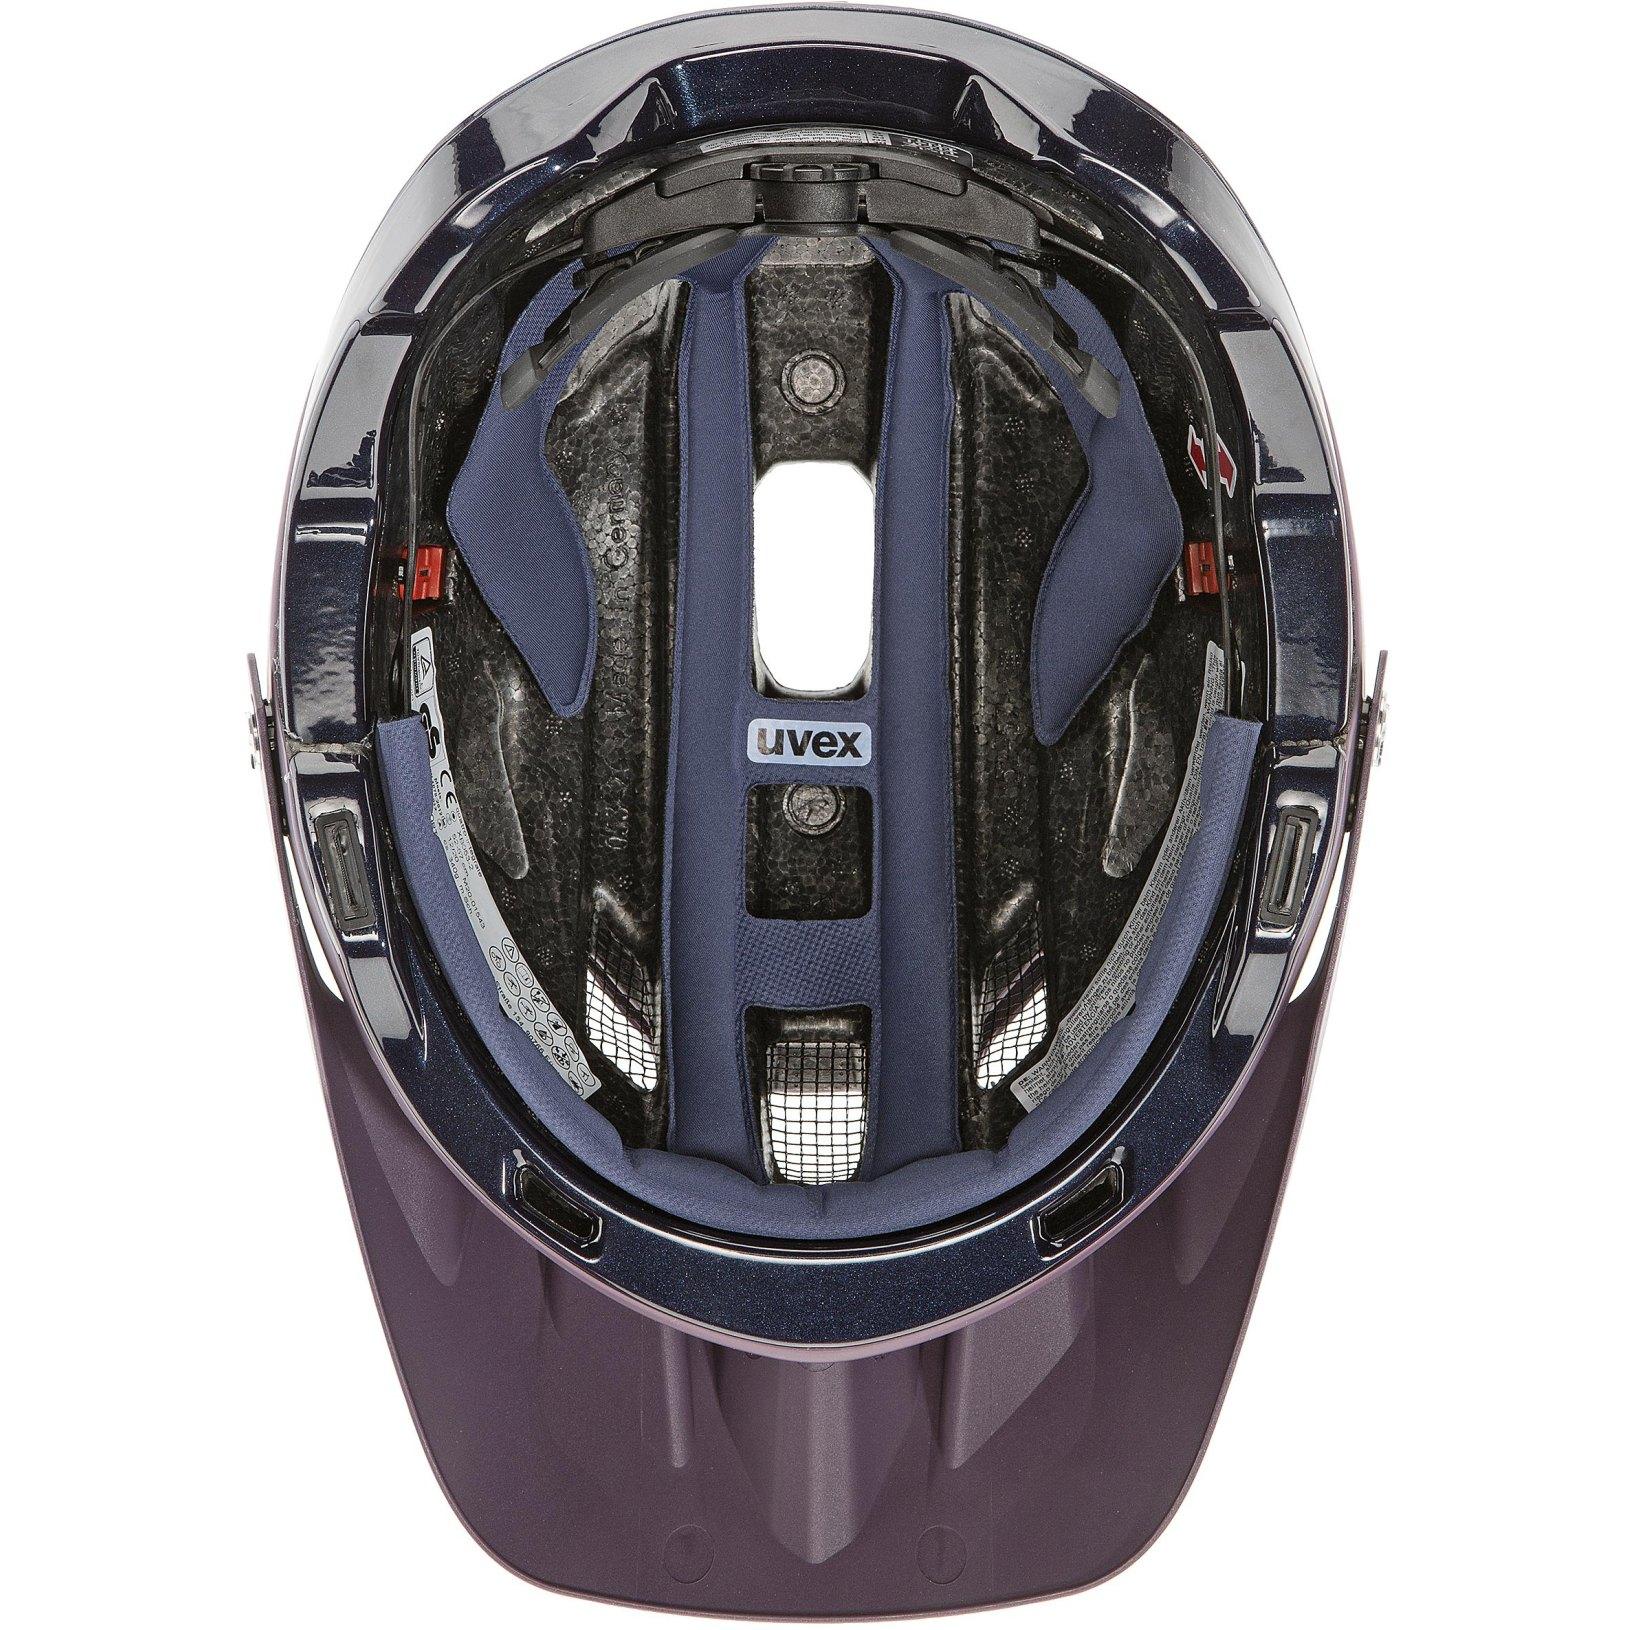 Bild von Uvex quatro integrale Helm - plum - deep space mat